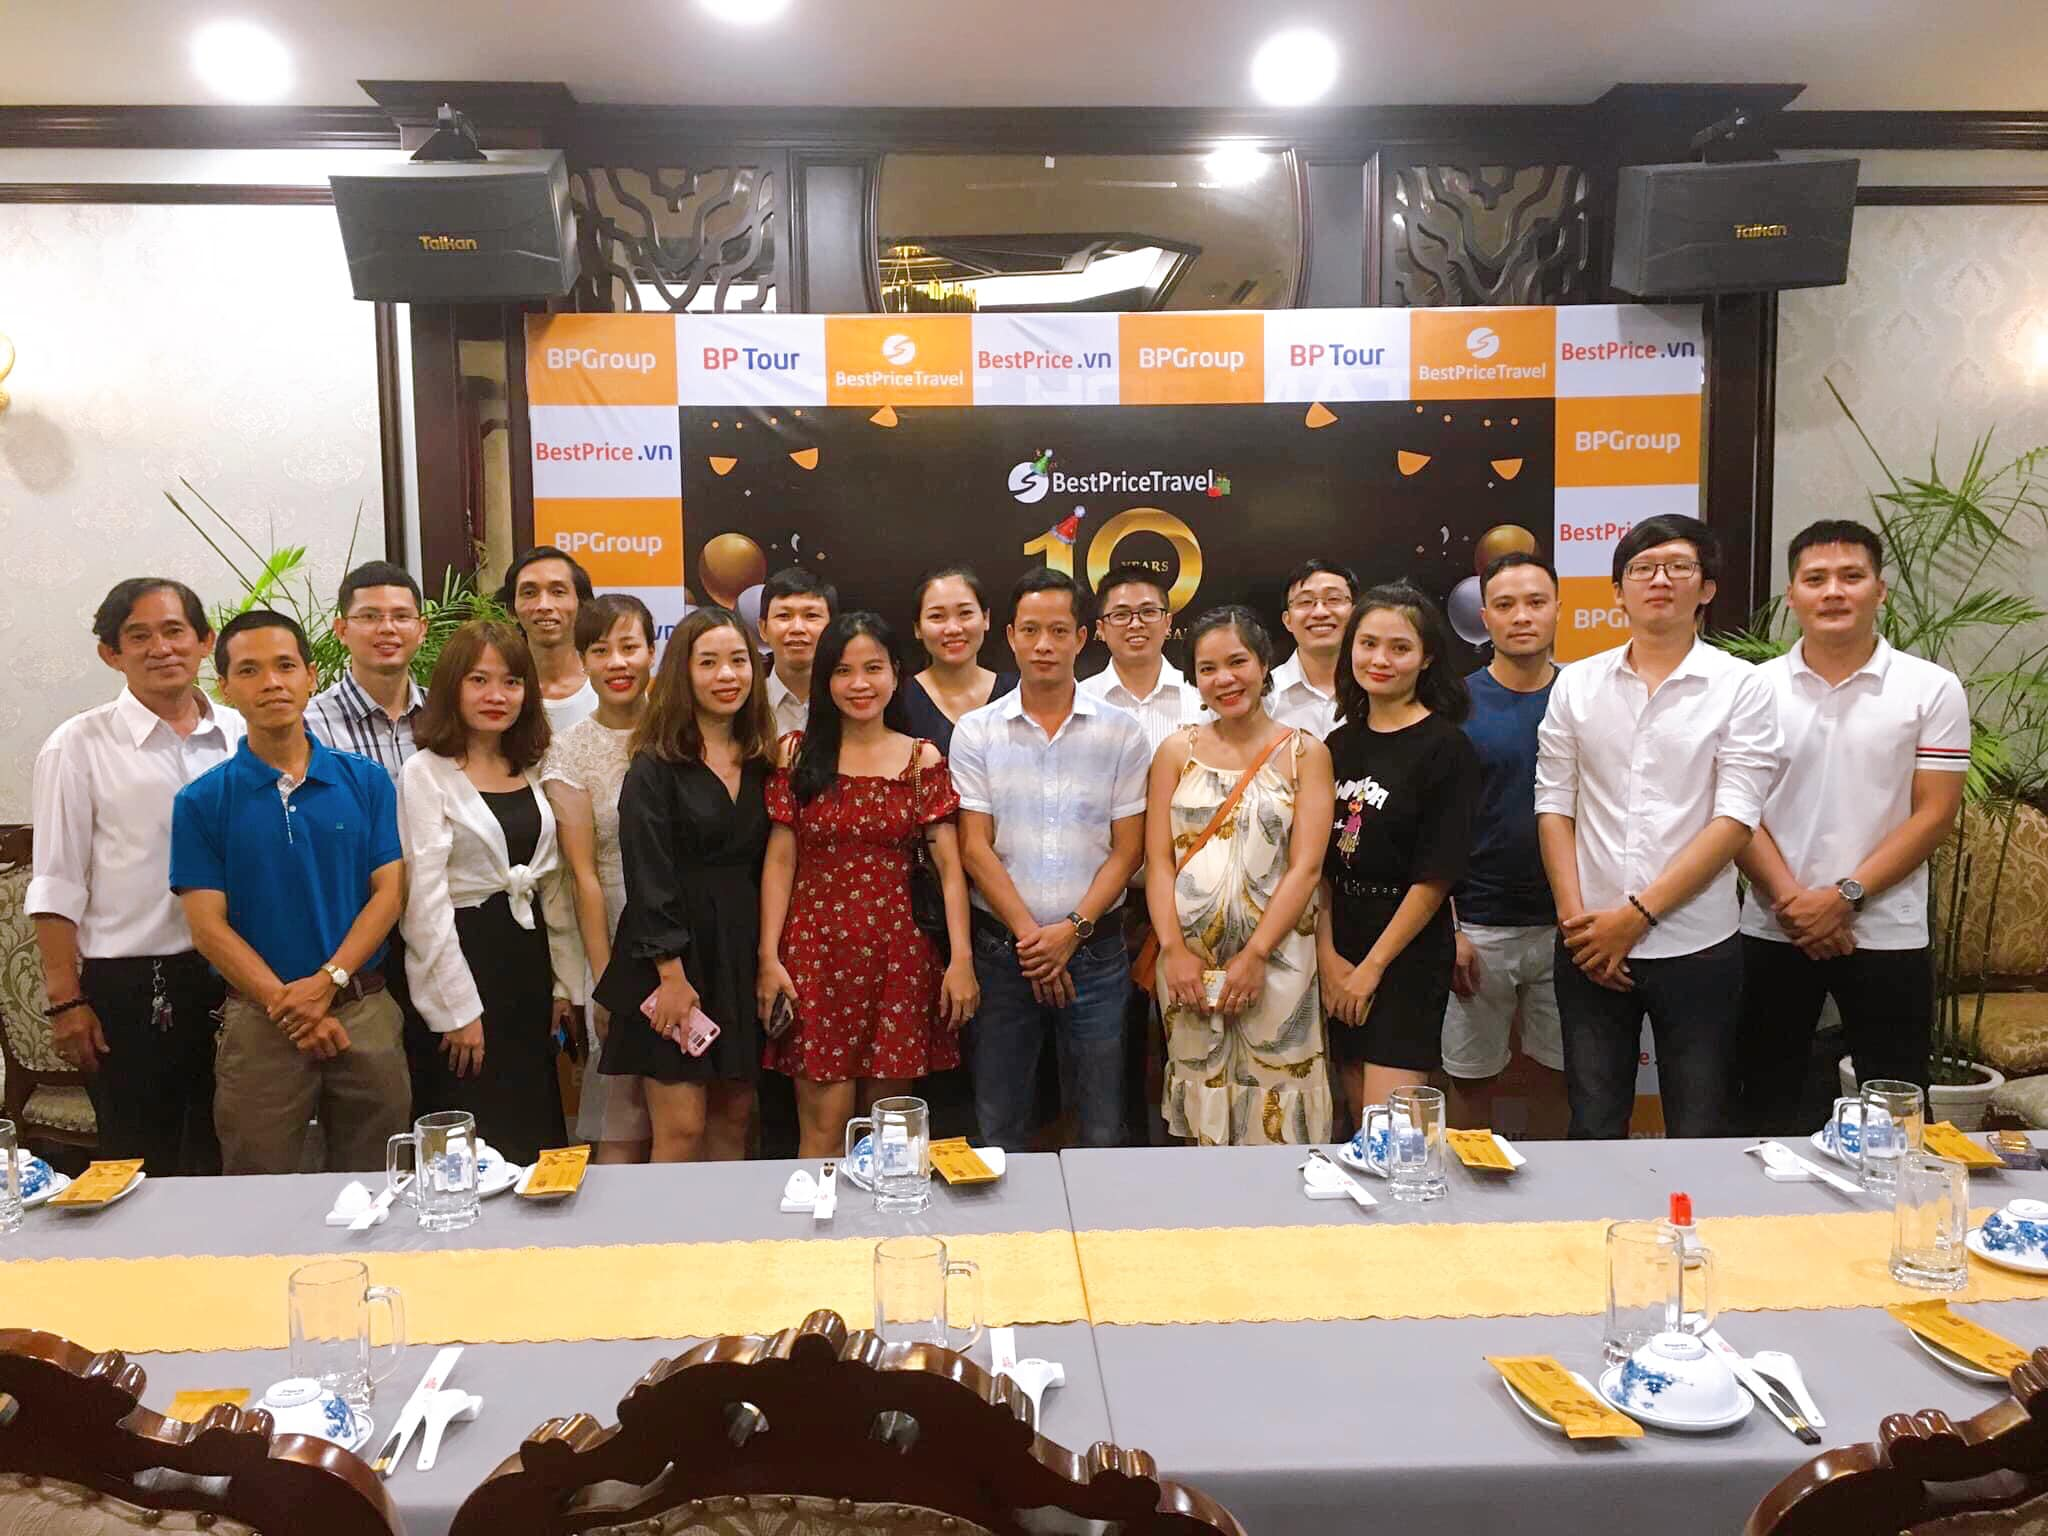 Tập thể nhân viên công ty du lịch BestPrice văn phòng Hồ Chí Minh